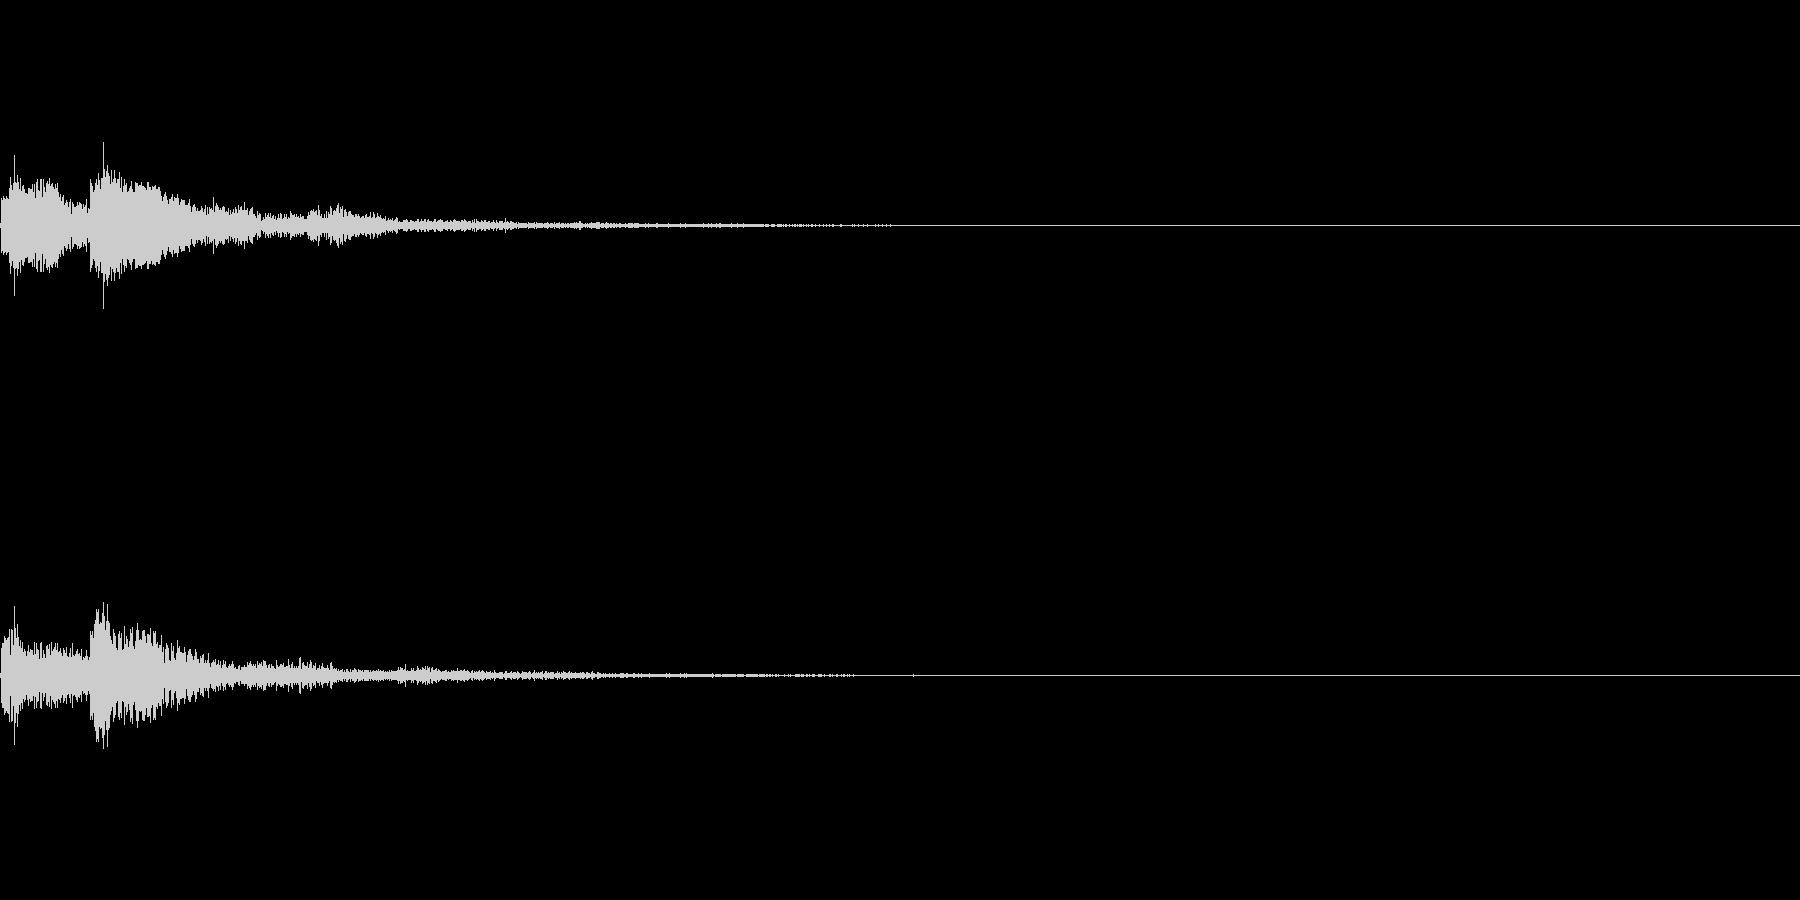 パソコンの起動音の未再生の波形